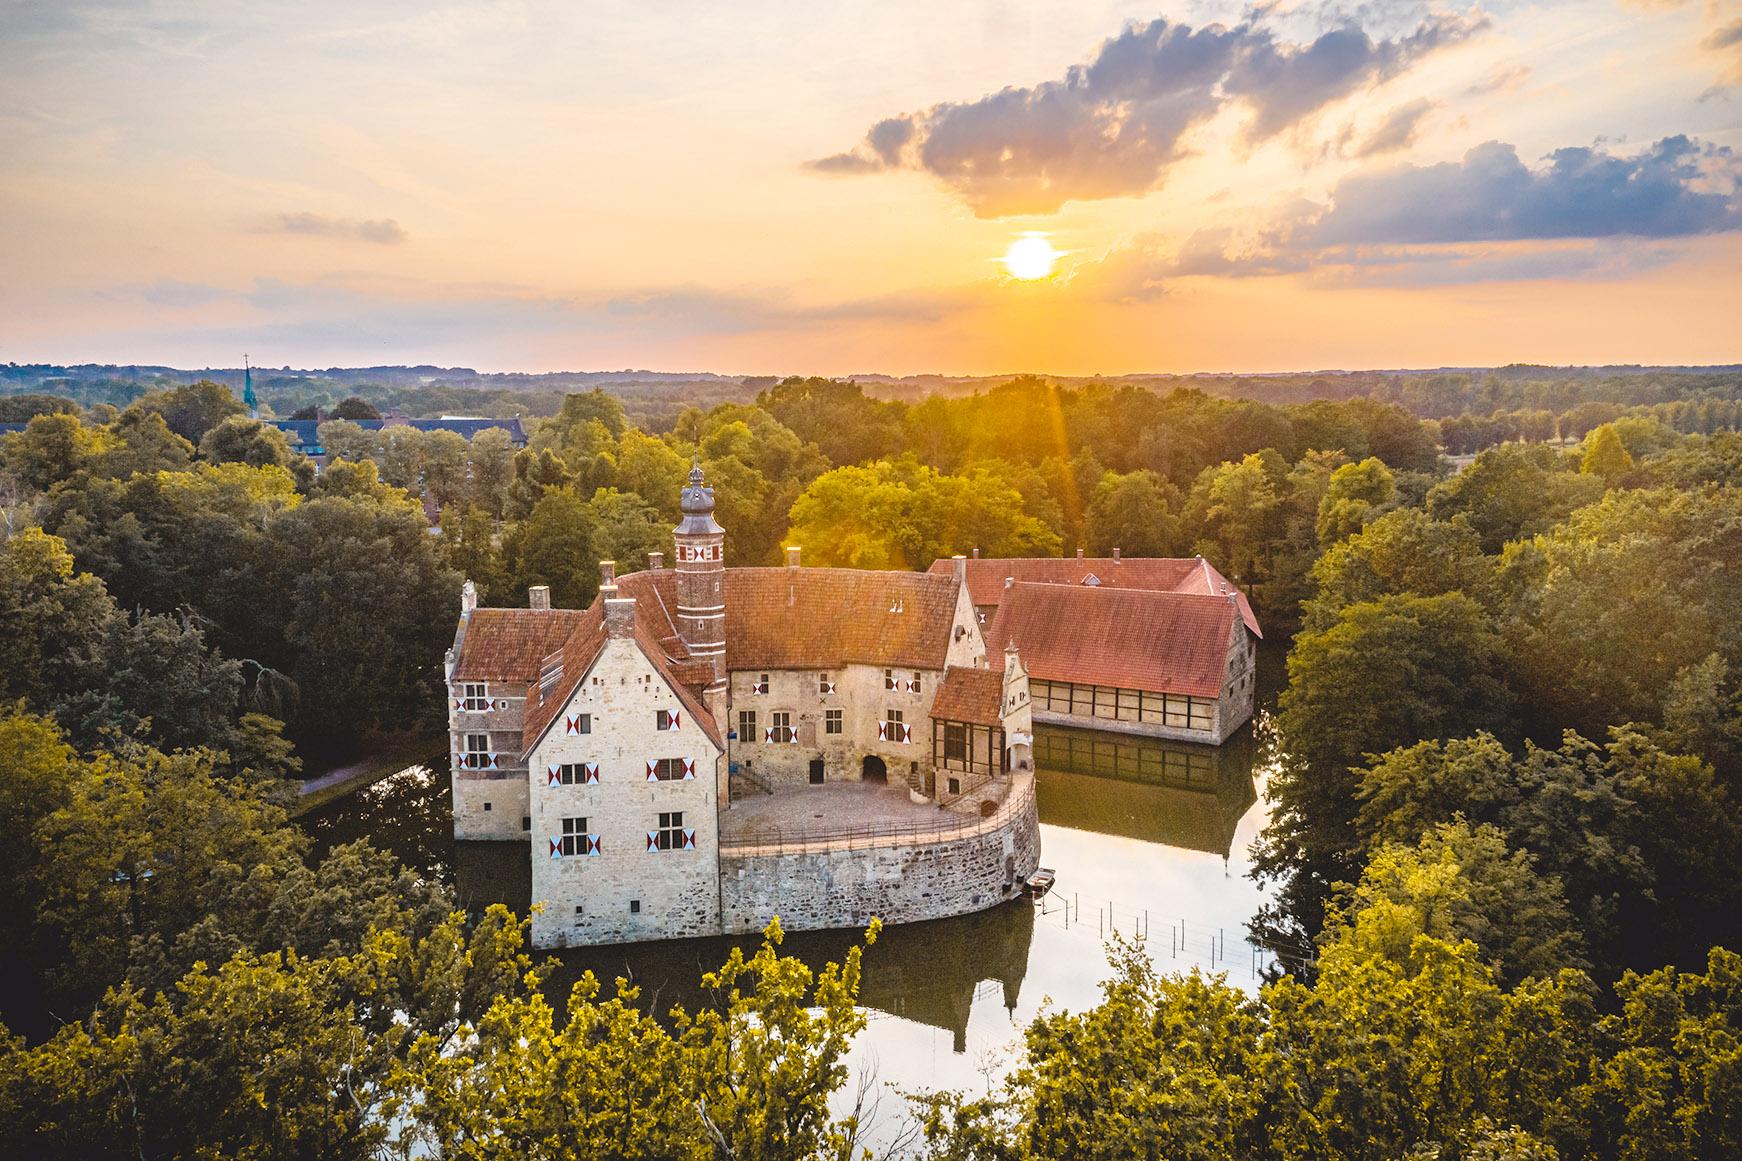 Burg Vischering – Dortmund-Ems-Kanal Runde von Senden